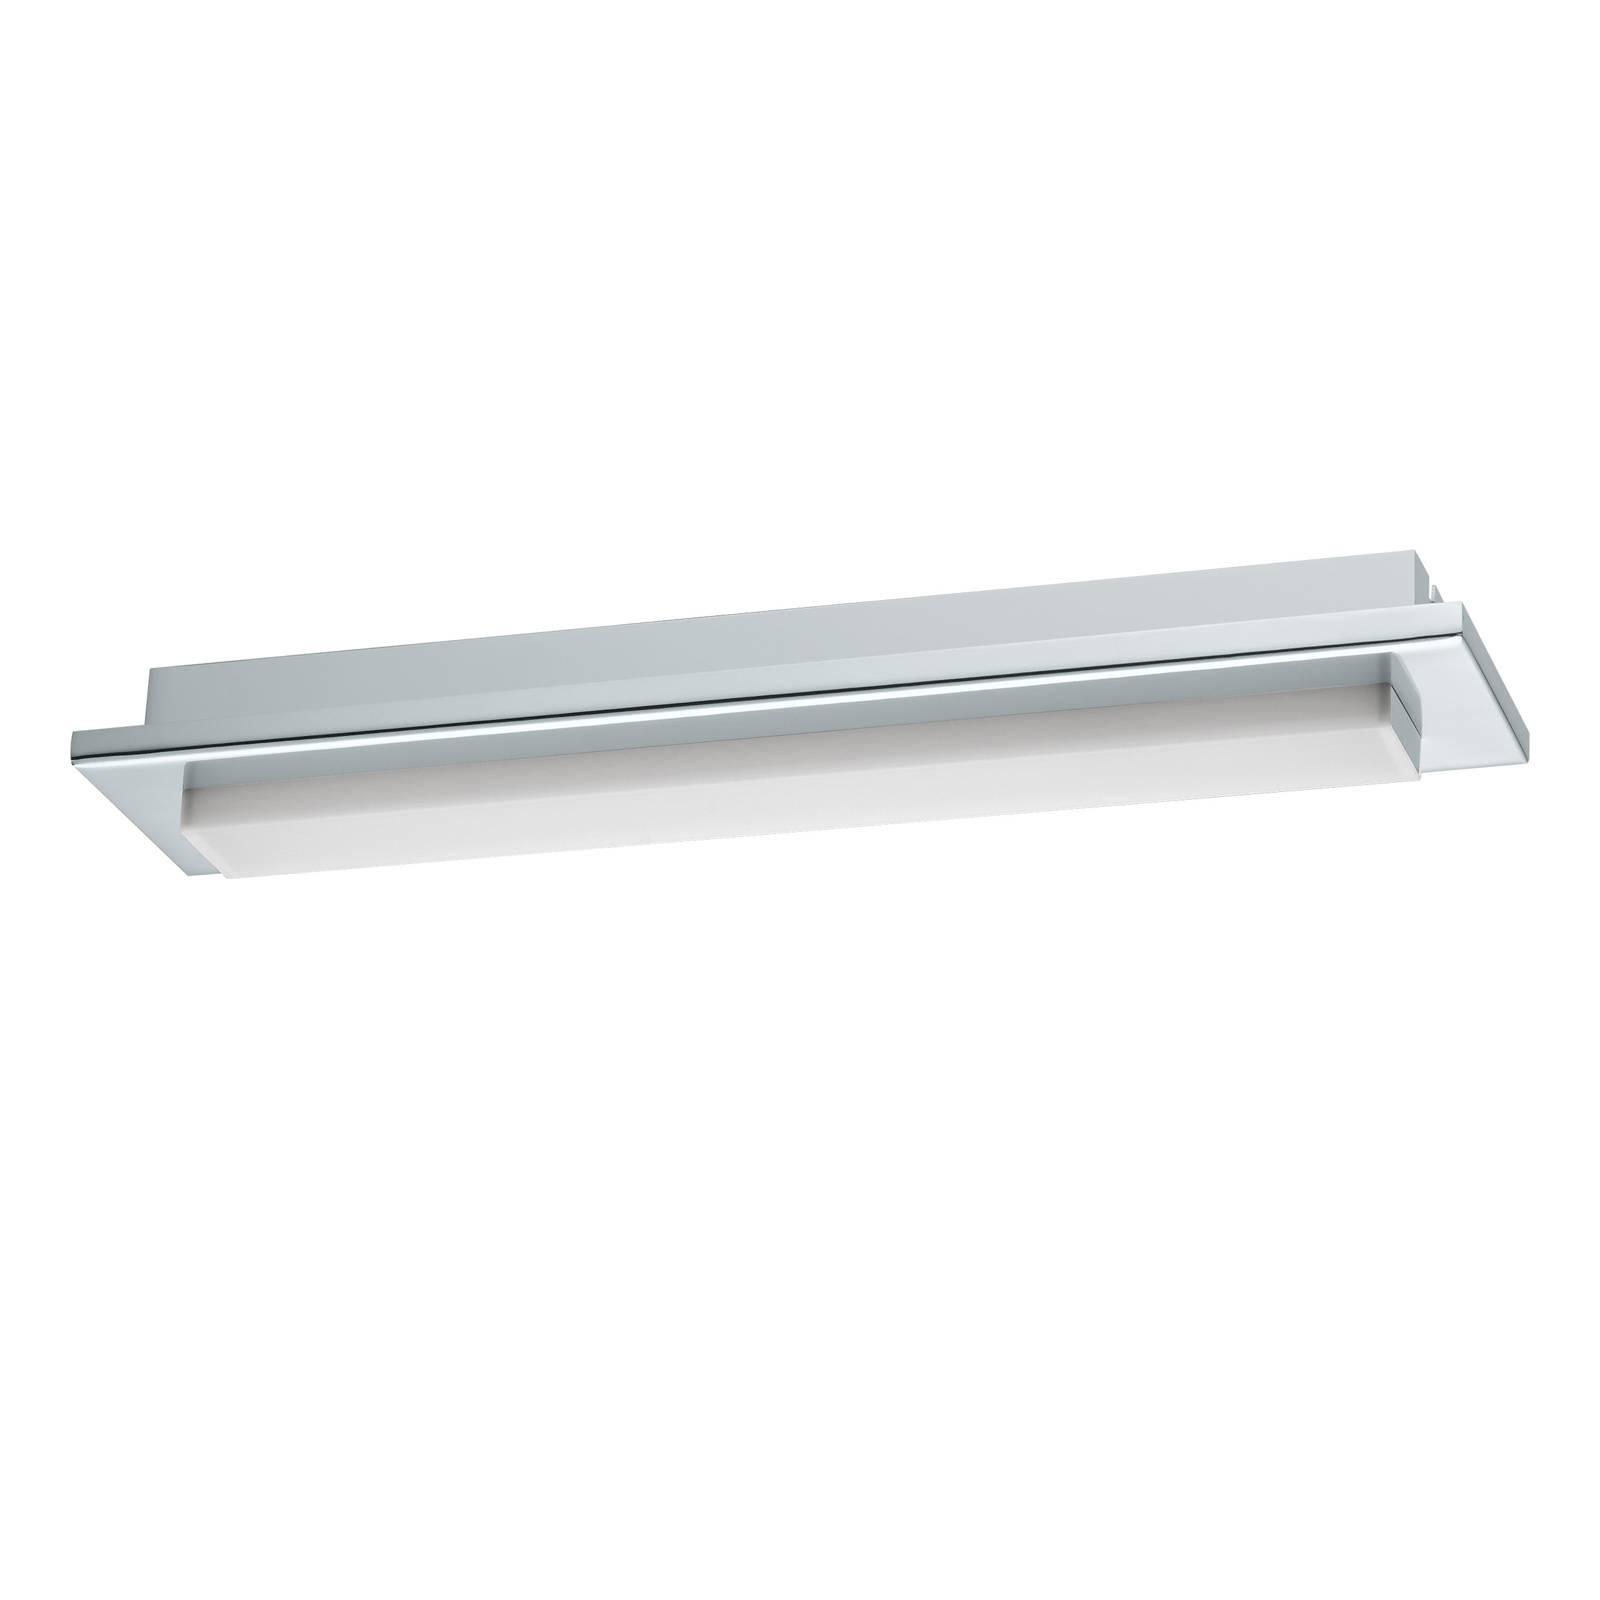 LED-peililamppu Cumbrecita, kromattu, 38 cm